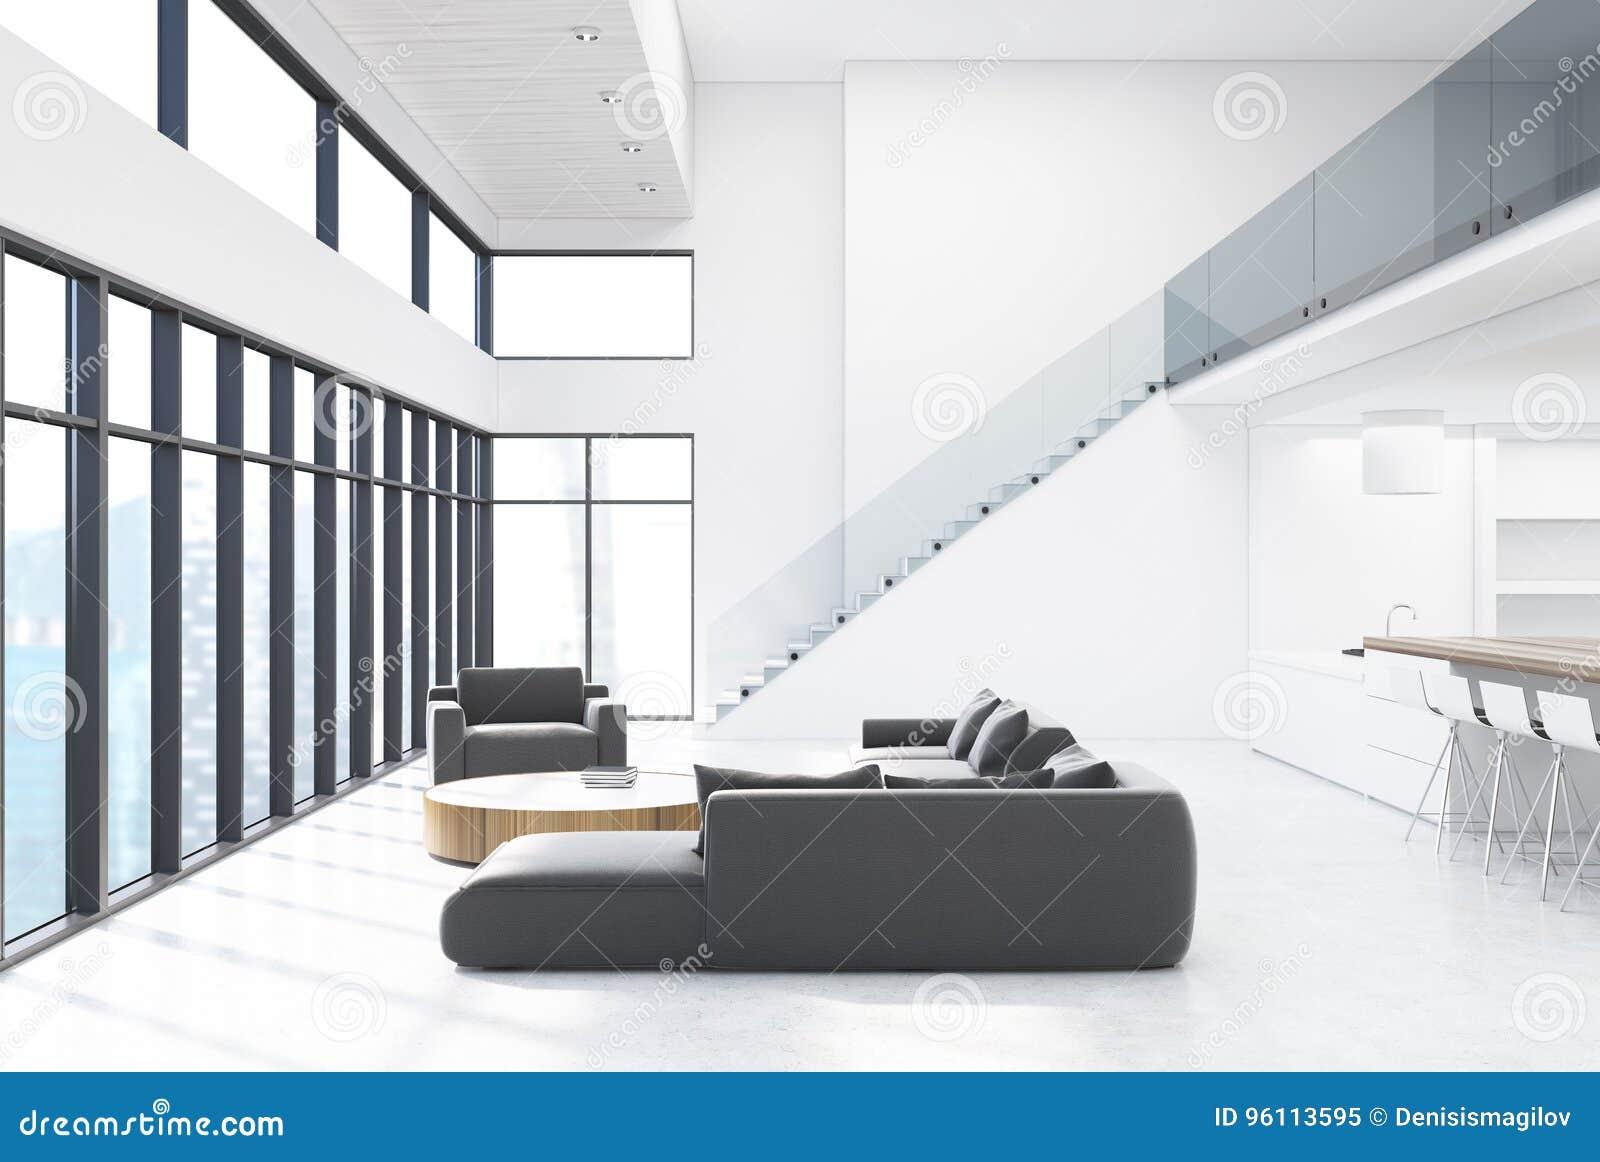 Salon Blanc Avec Les Meubles Et Les Escaliers Gris ...